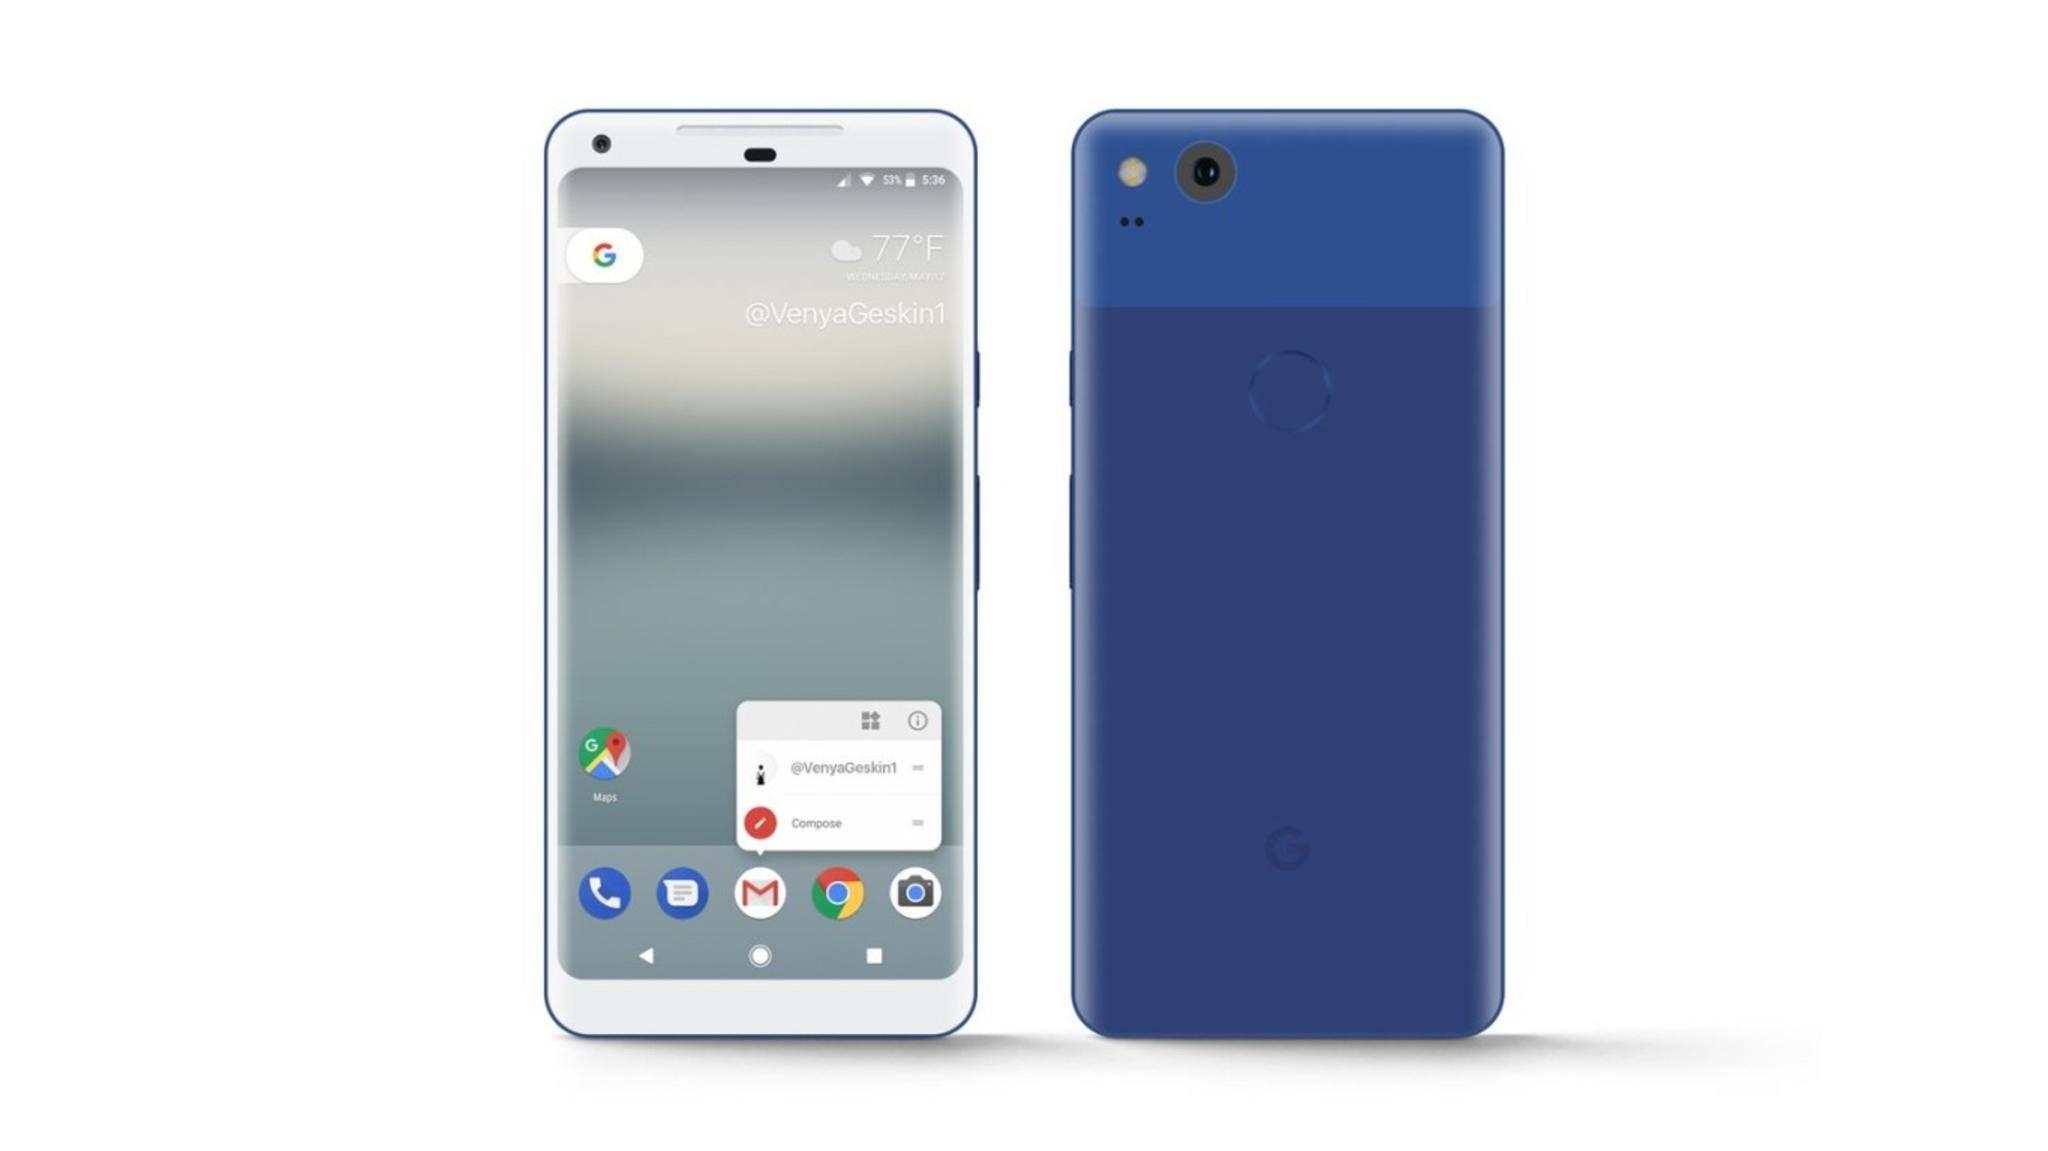 Das Google Pixel XL (2017) soll auch in Blau und Silber auf den Markt kommen.